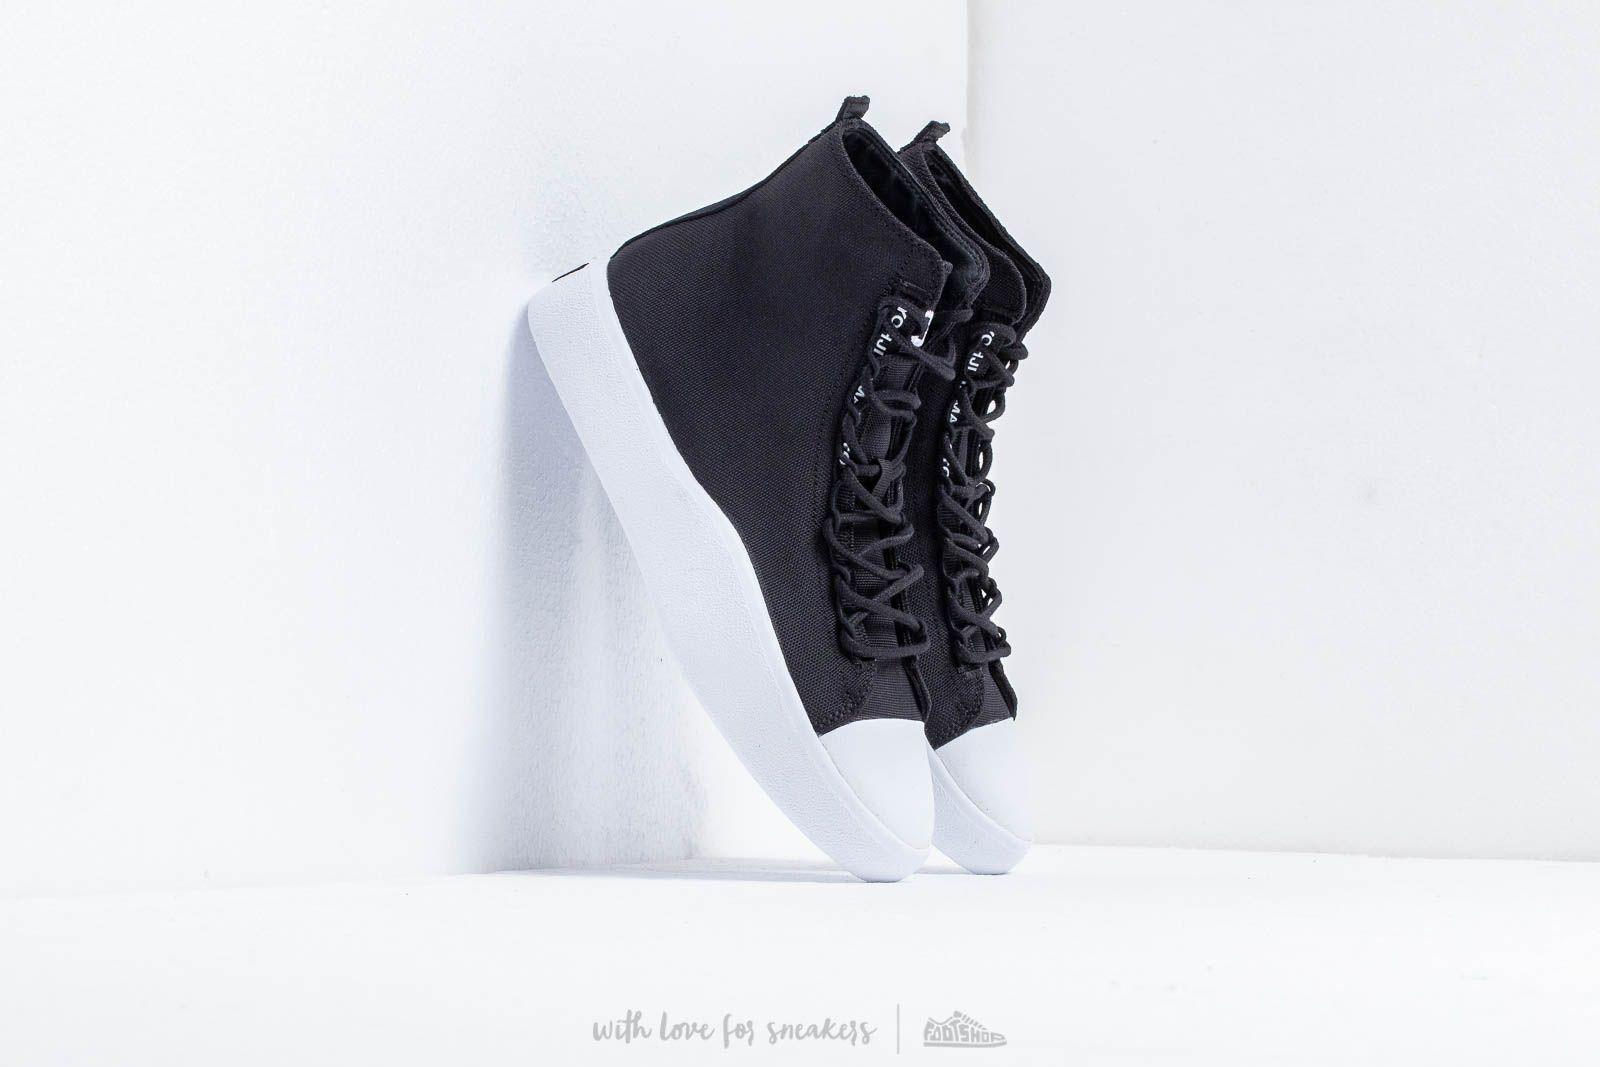 Y-3 Bashyo Core Black/ Core Black/ Ftw White za skvělou cenu 7 240 Kč koupíte na Footshop.cz